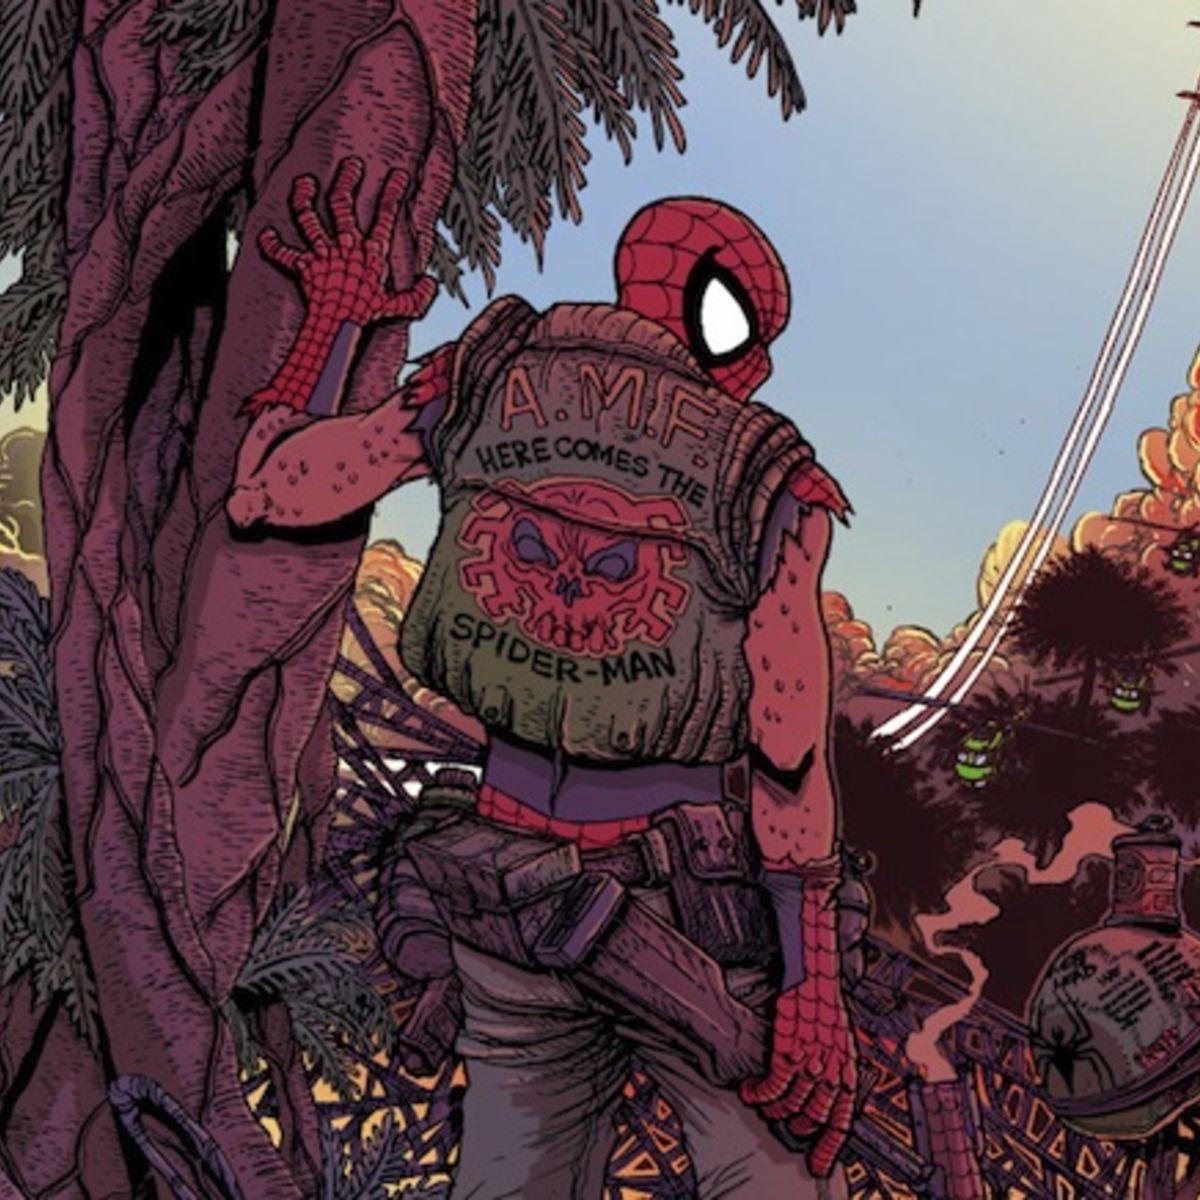 spidernam-cover-cropped.jpg